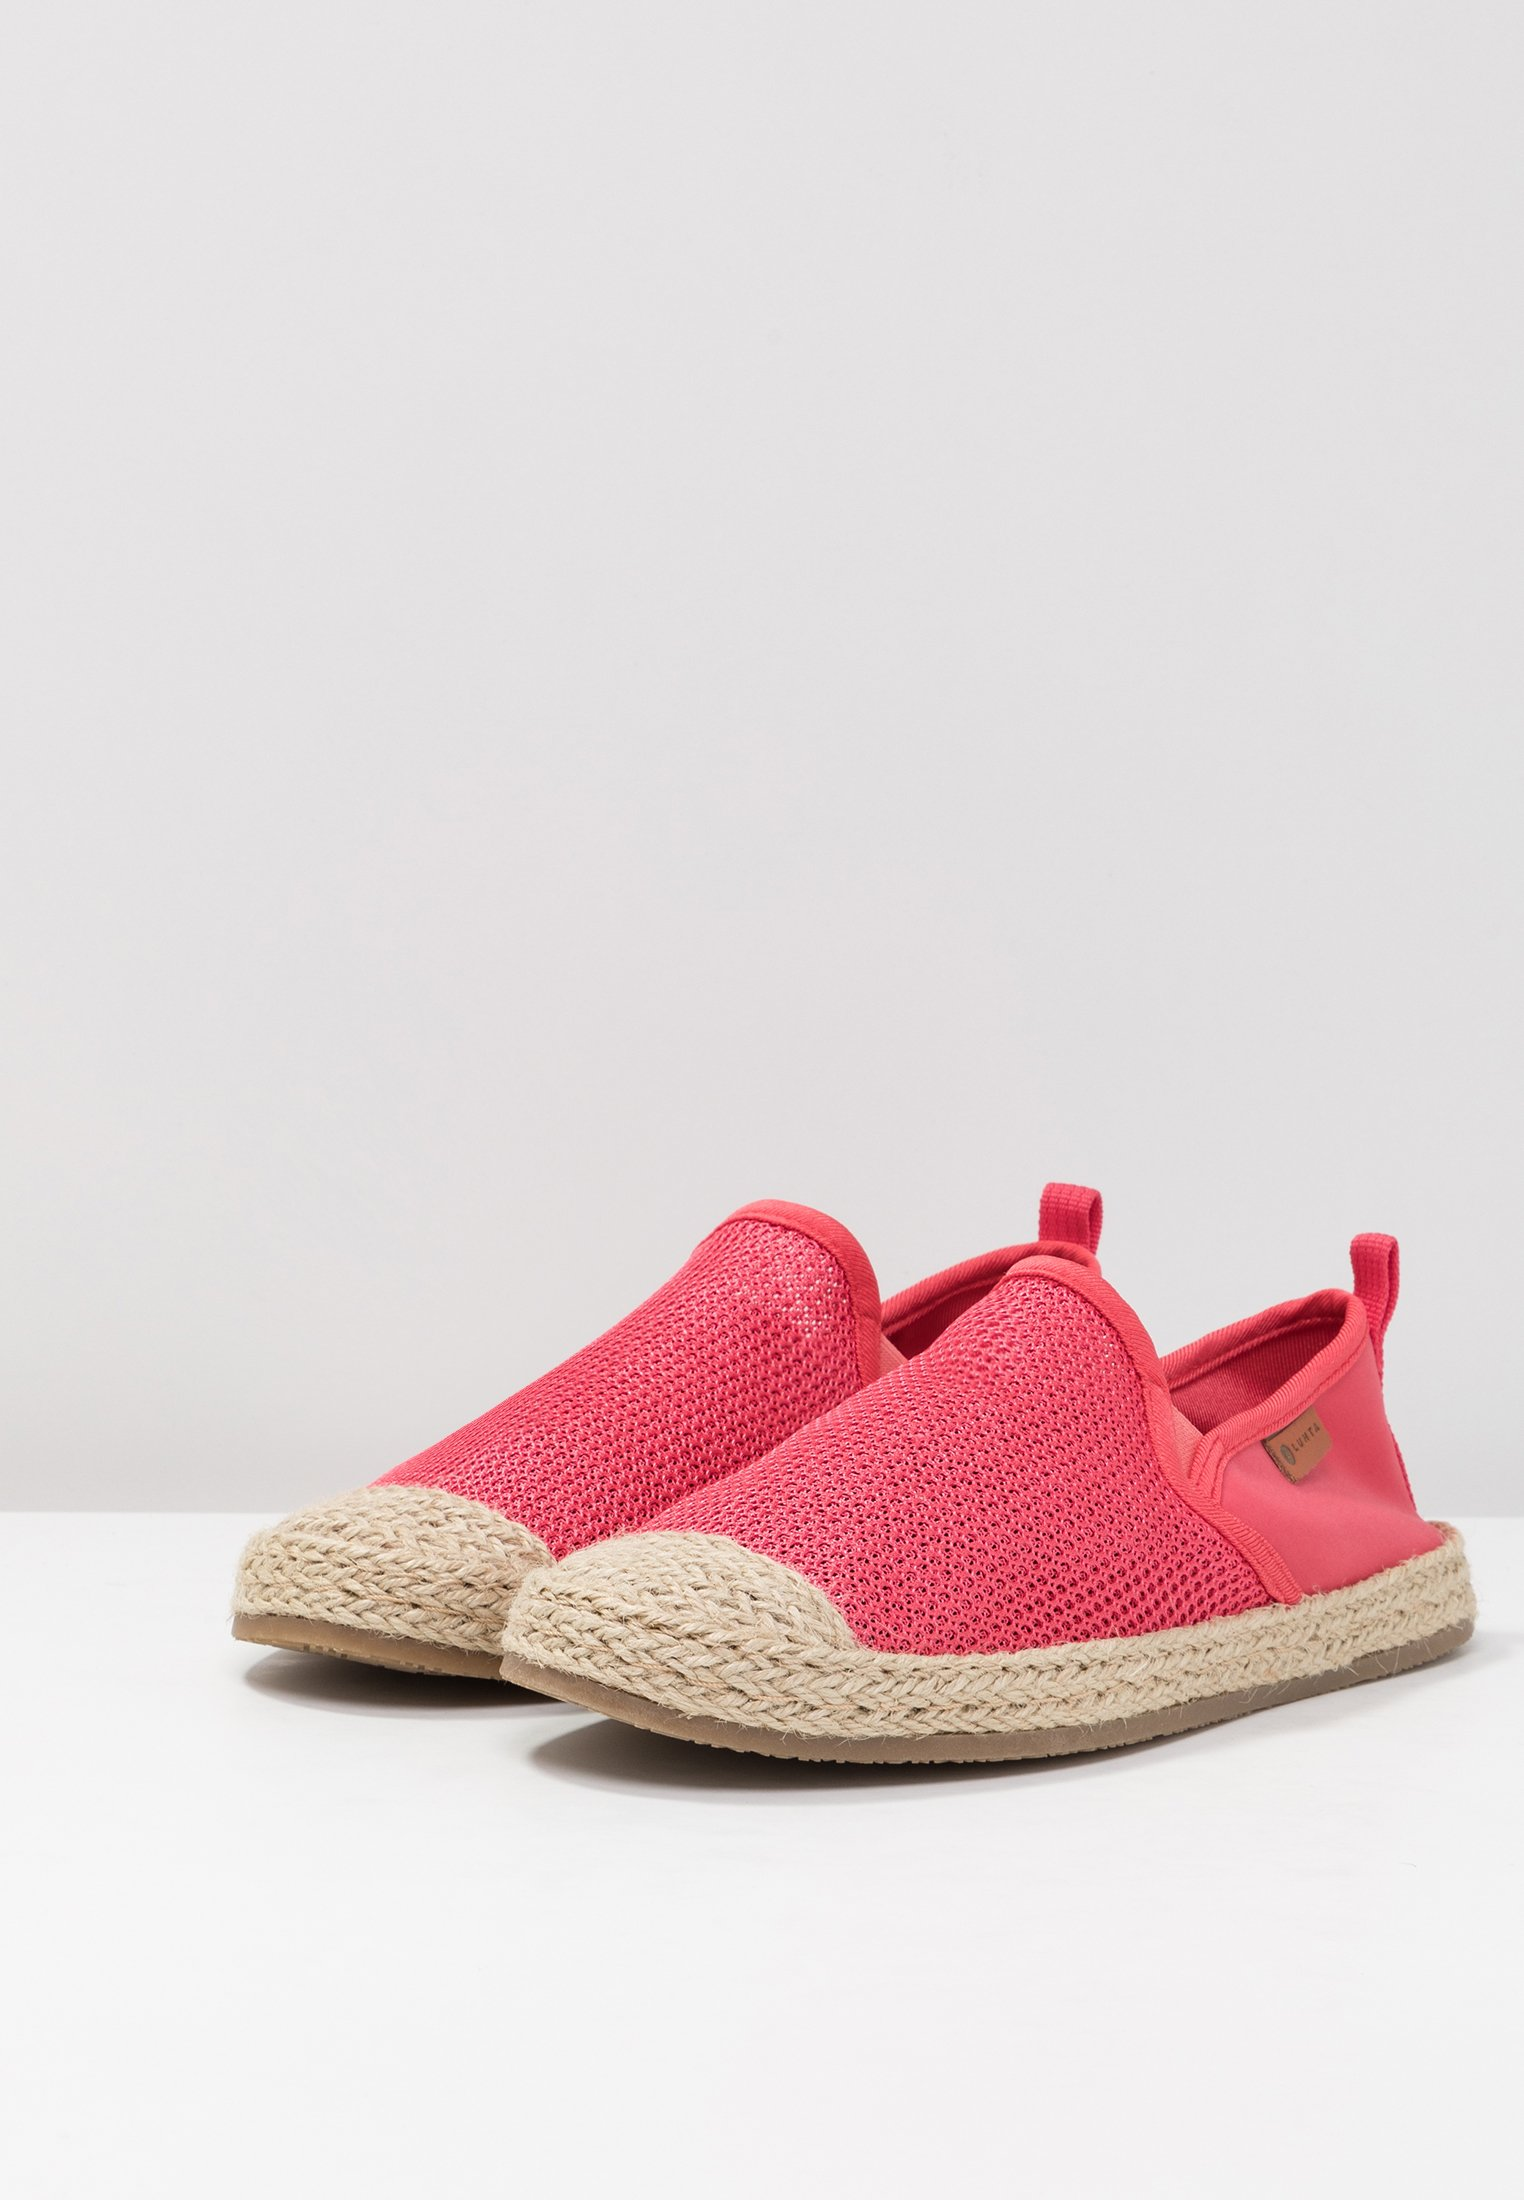 Luhta MAINIO - Baskets basses - coral - Chaussures de sport femme En ligne